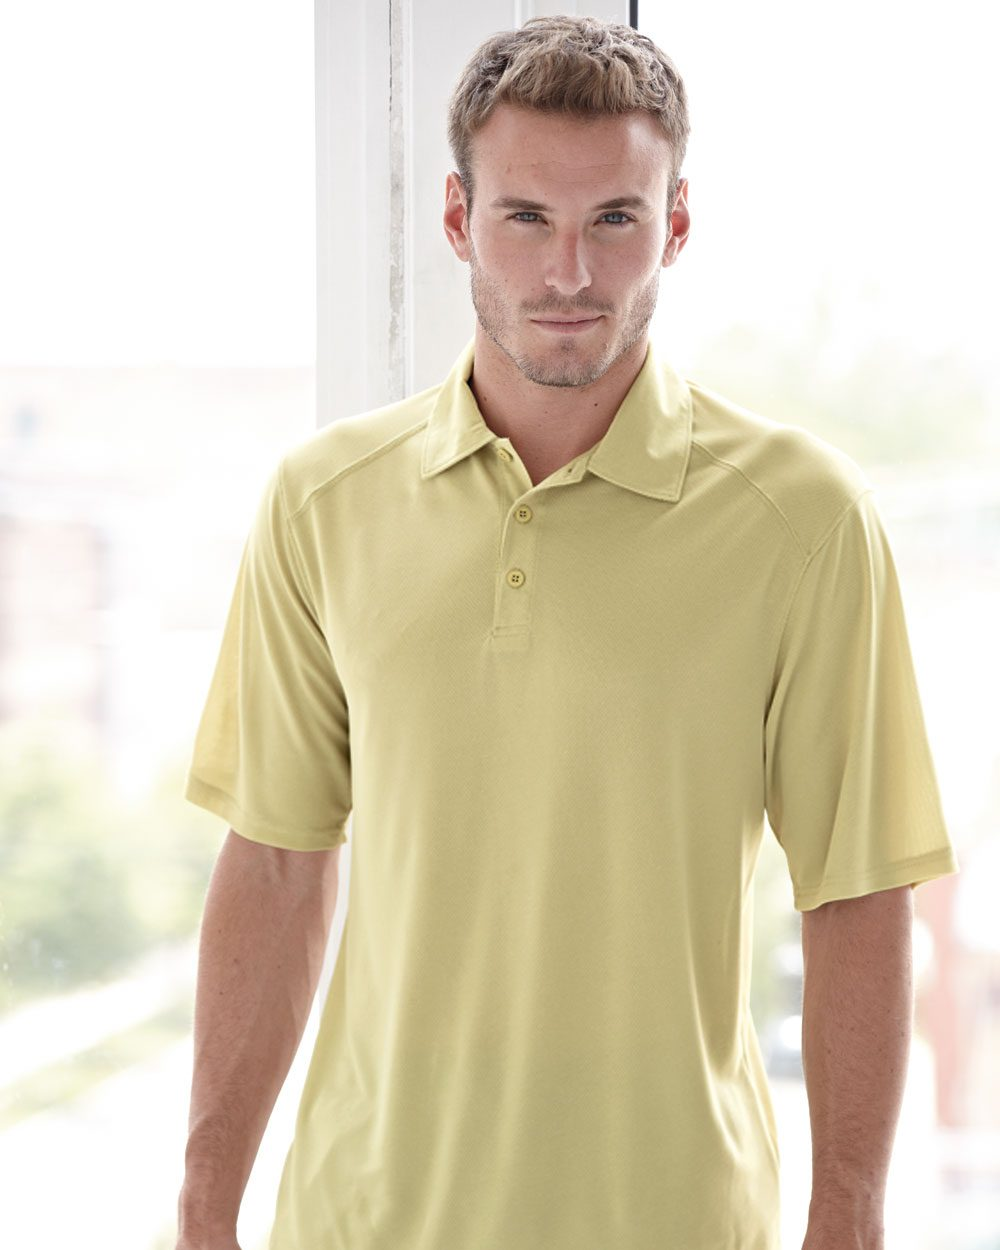 Augusta Sportswear 5001 - Vision Textured Knit Sport ...